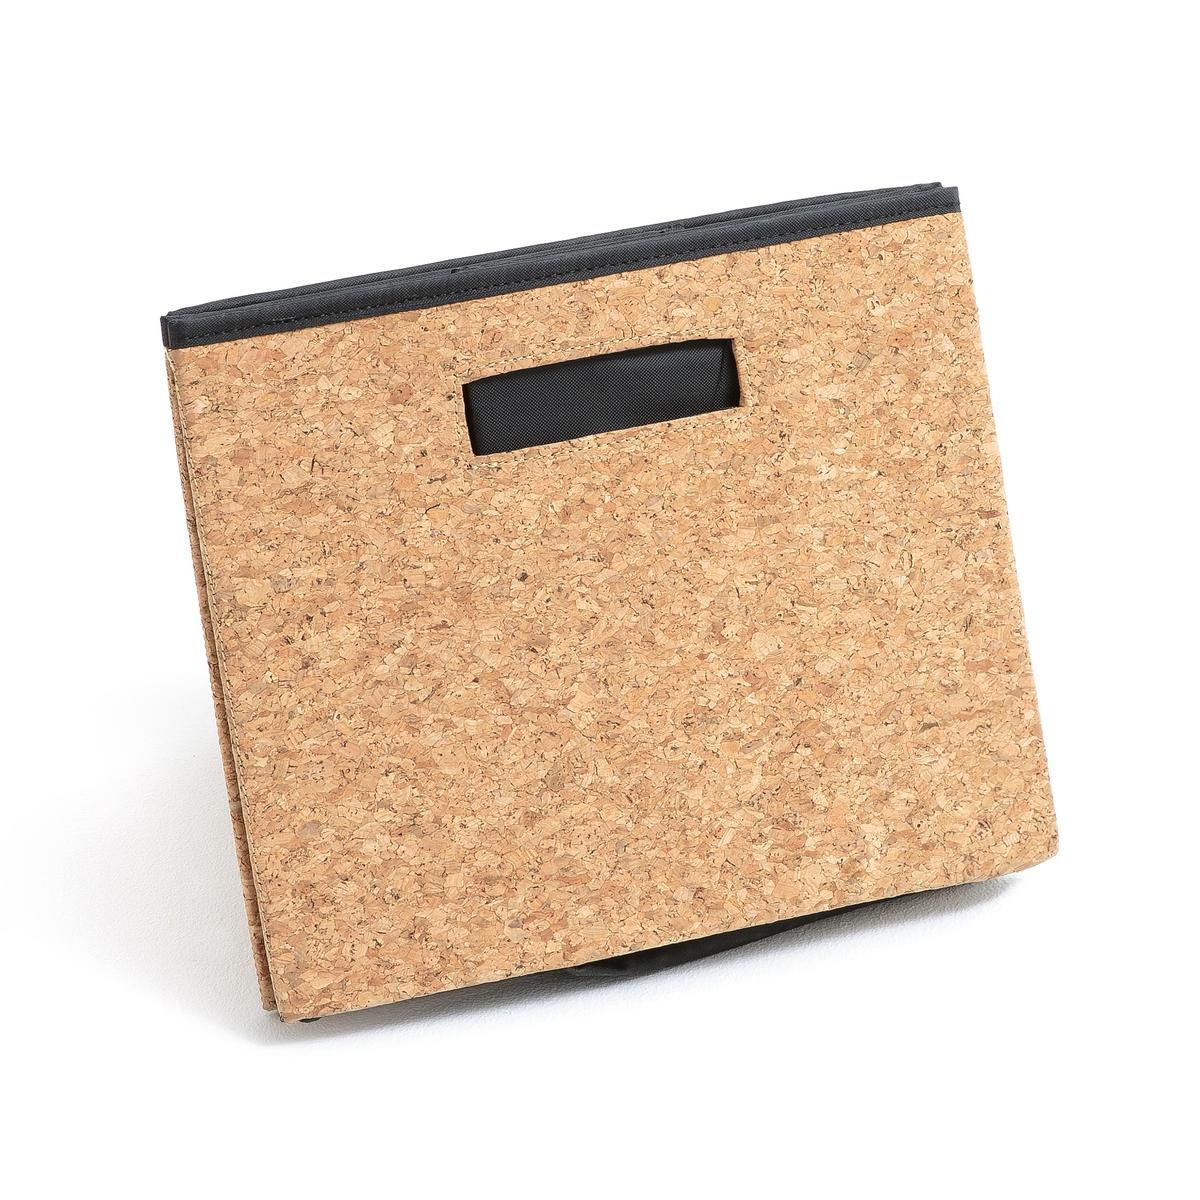 Коробка для хранения складная из пробки, размер M звукопоглощающие обои из пробки